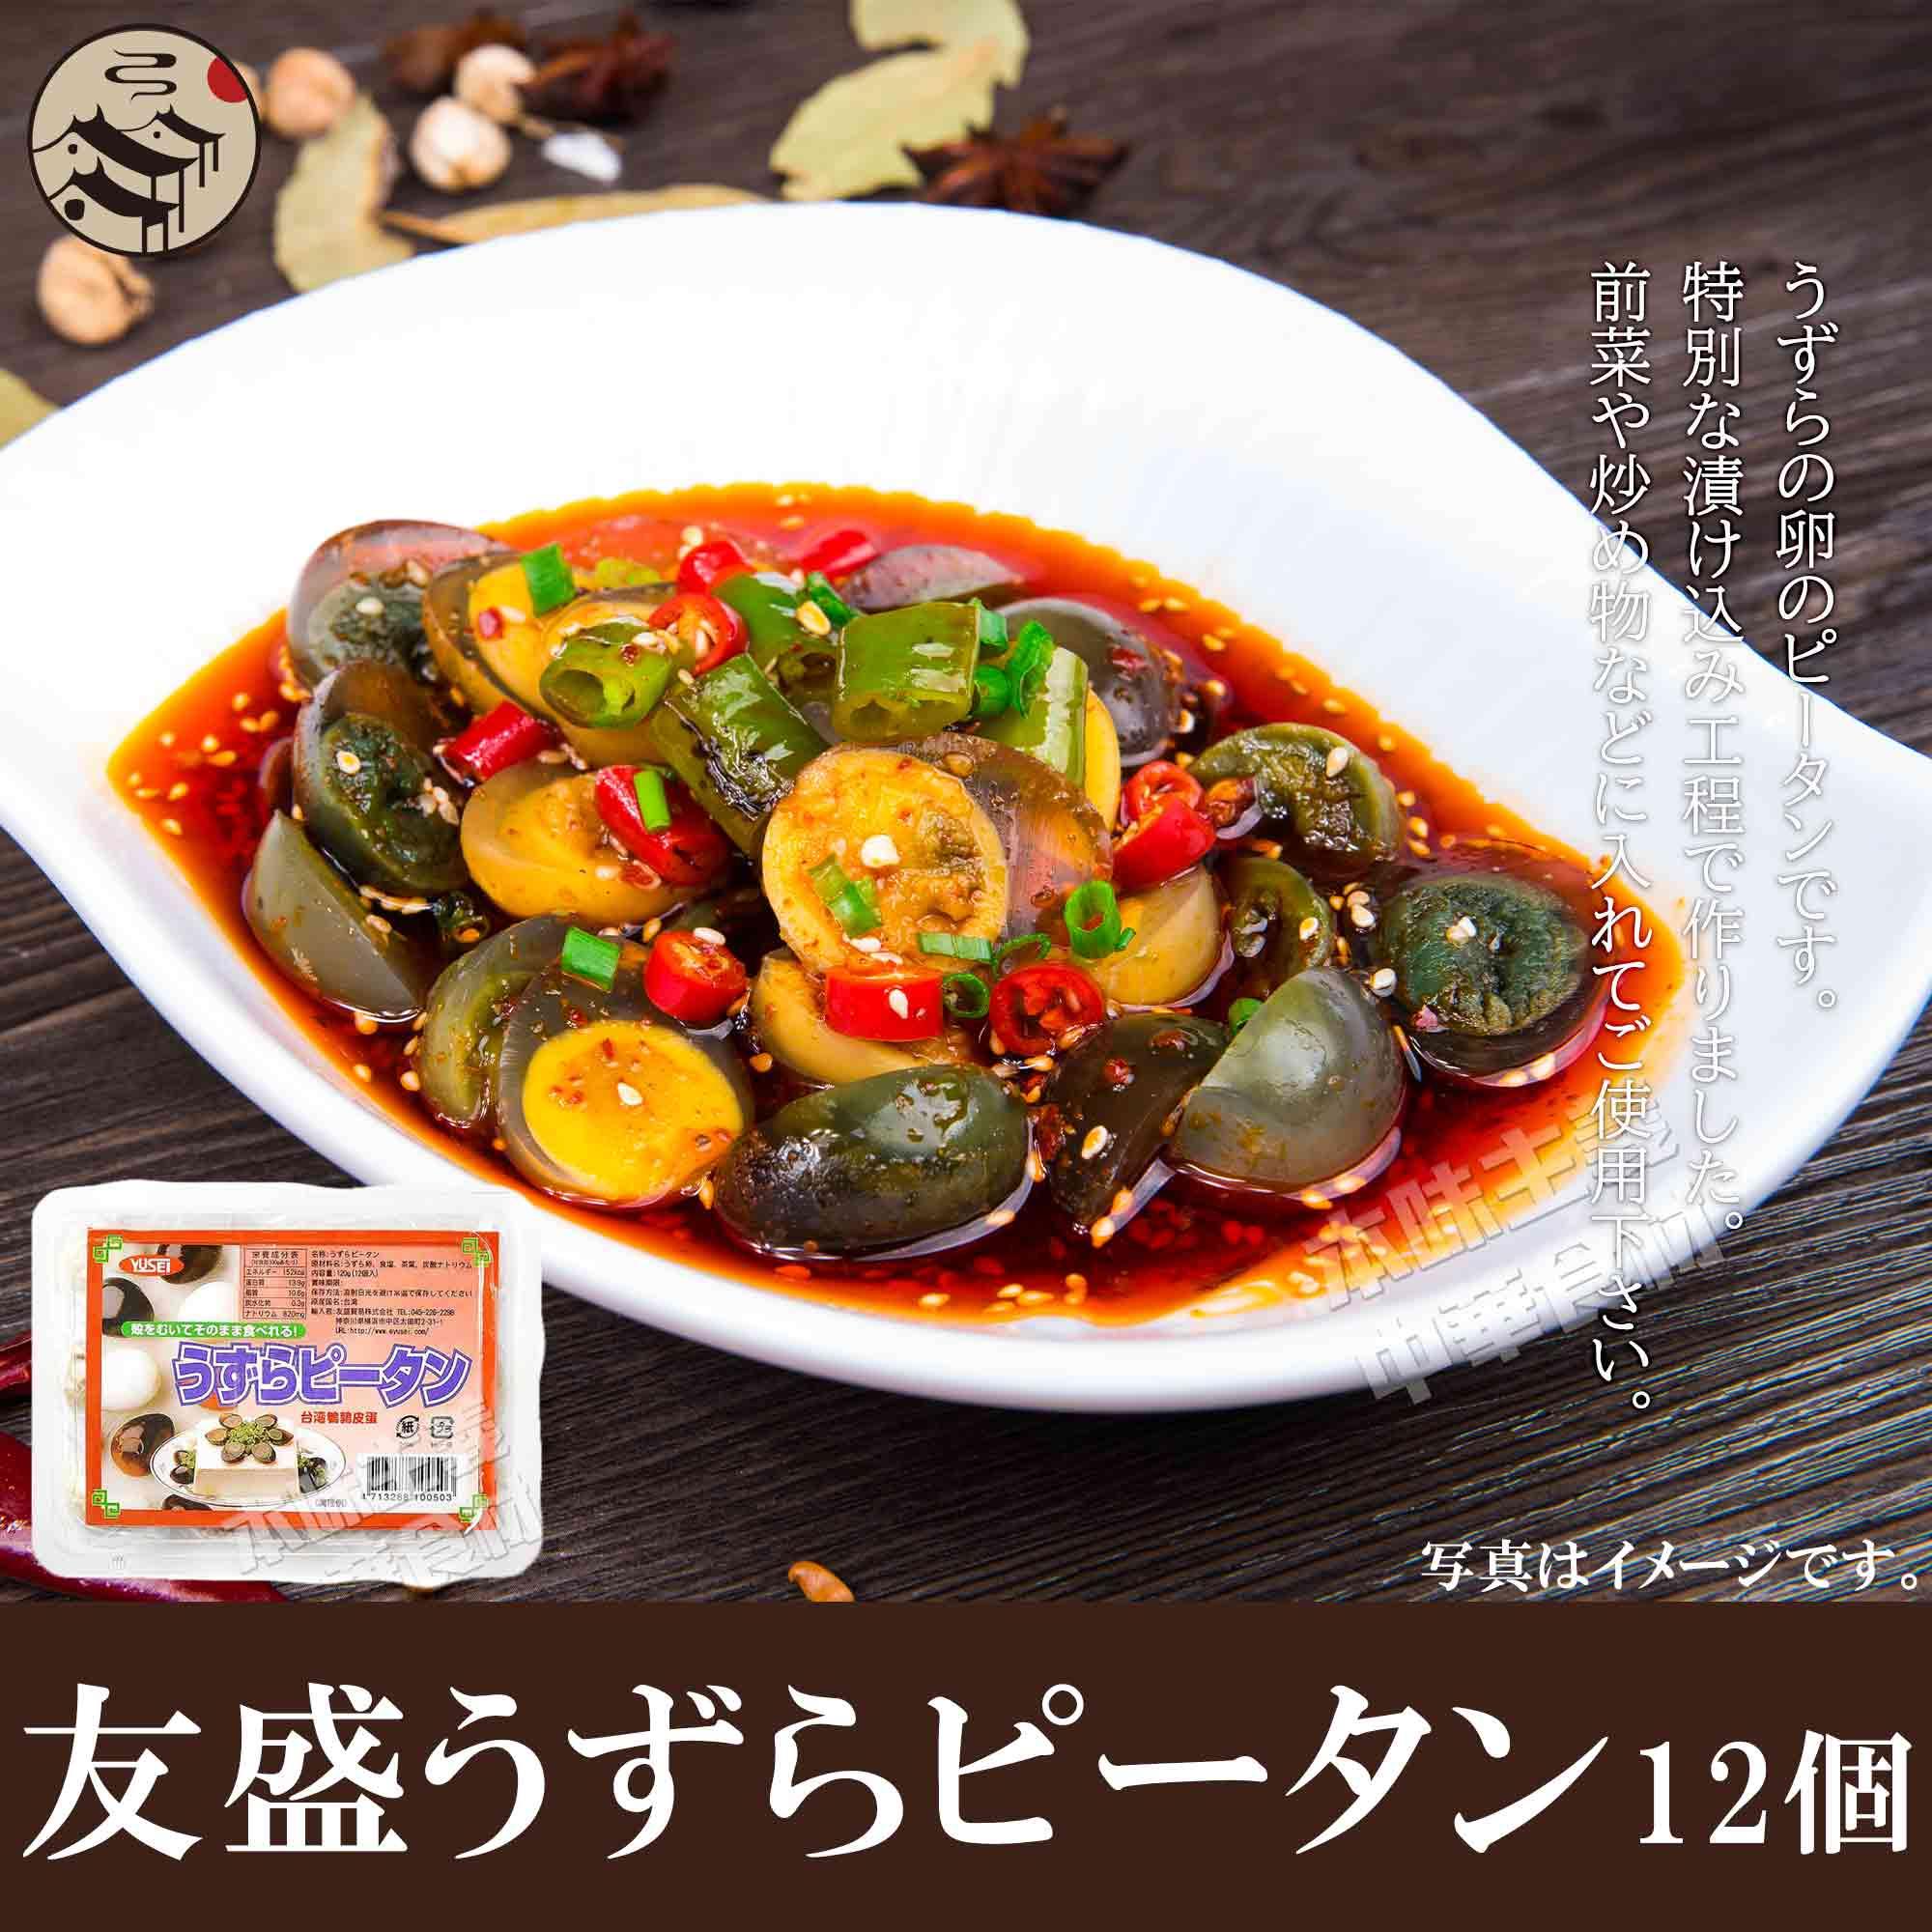 感謝価格 ピータンの入門編としておすすめします 友盛台湾#40298;鶉皮蛋 うずらピータン 台湾風味名物 中華料理人気商品 春の新作 中華食材調味料